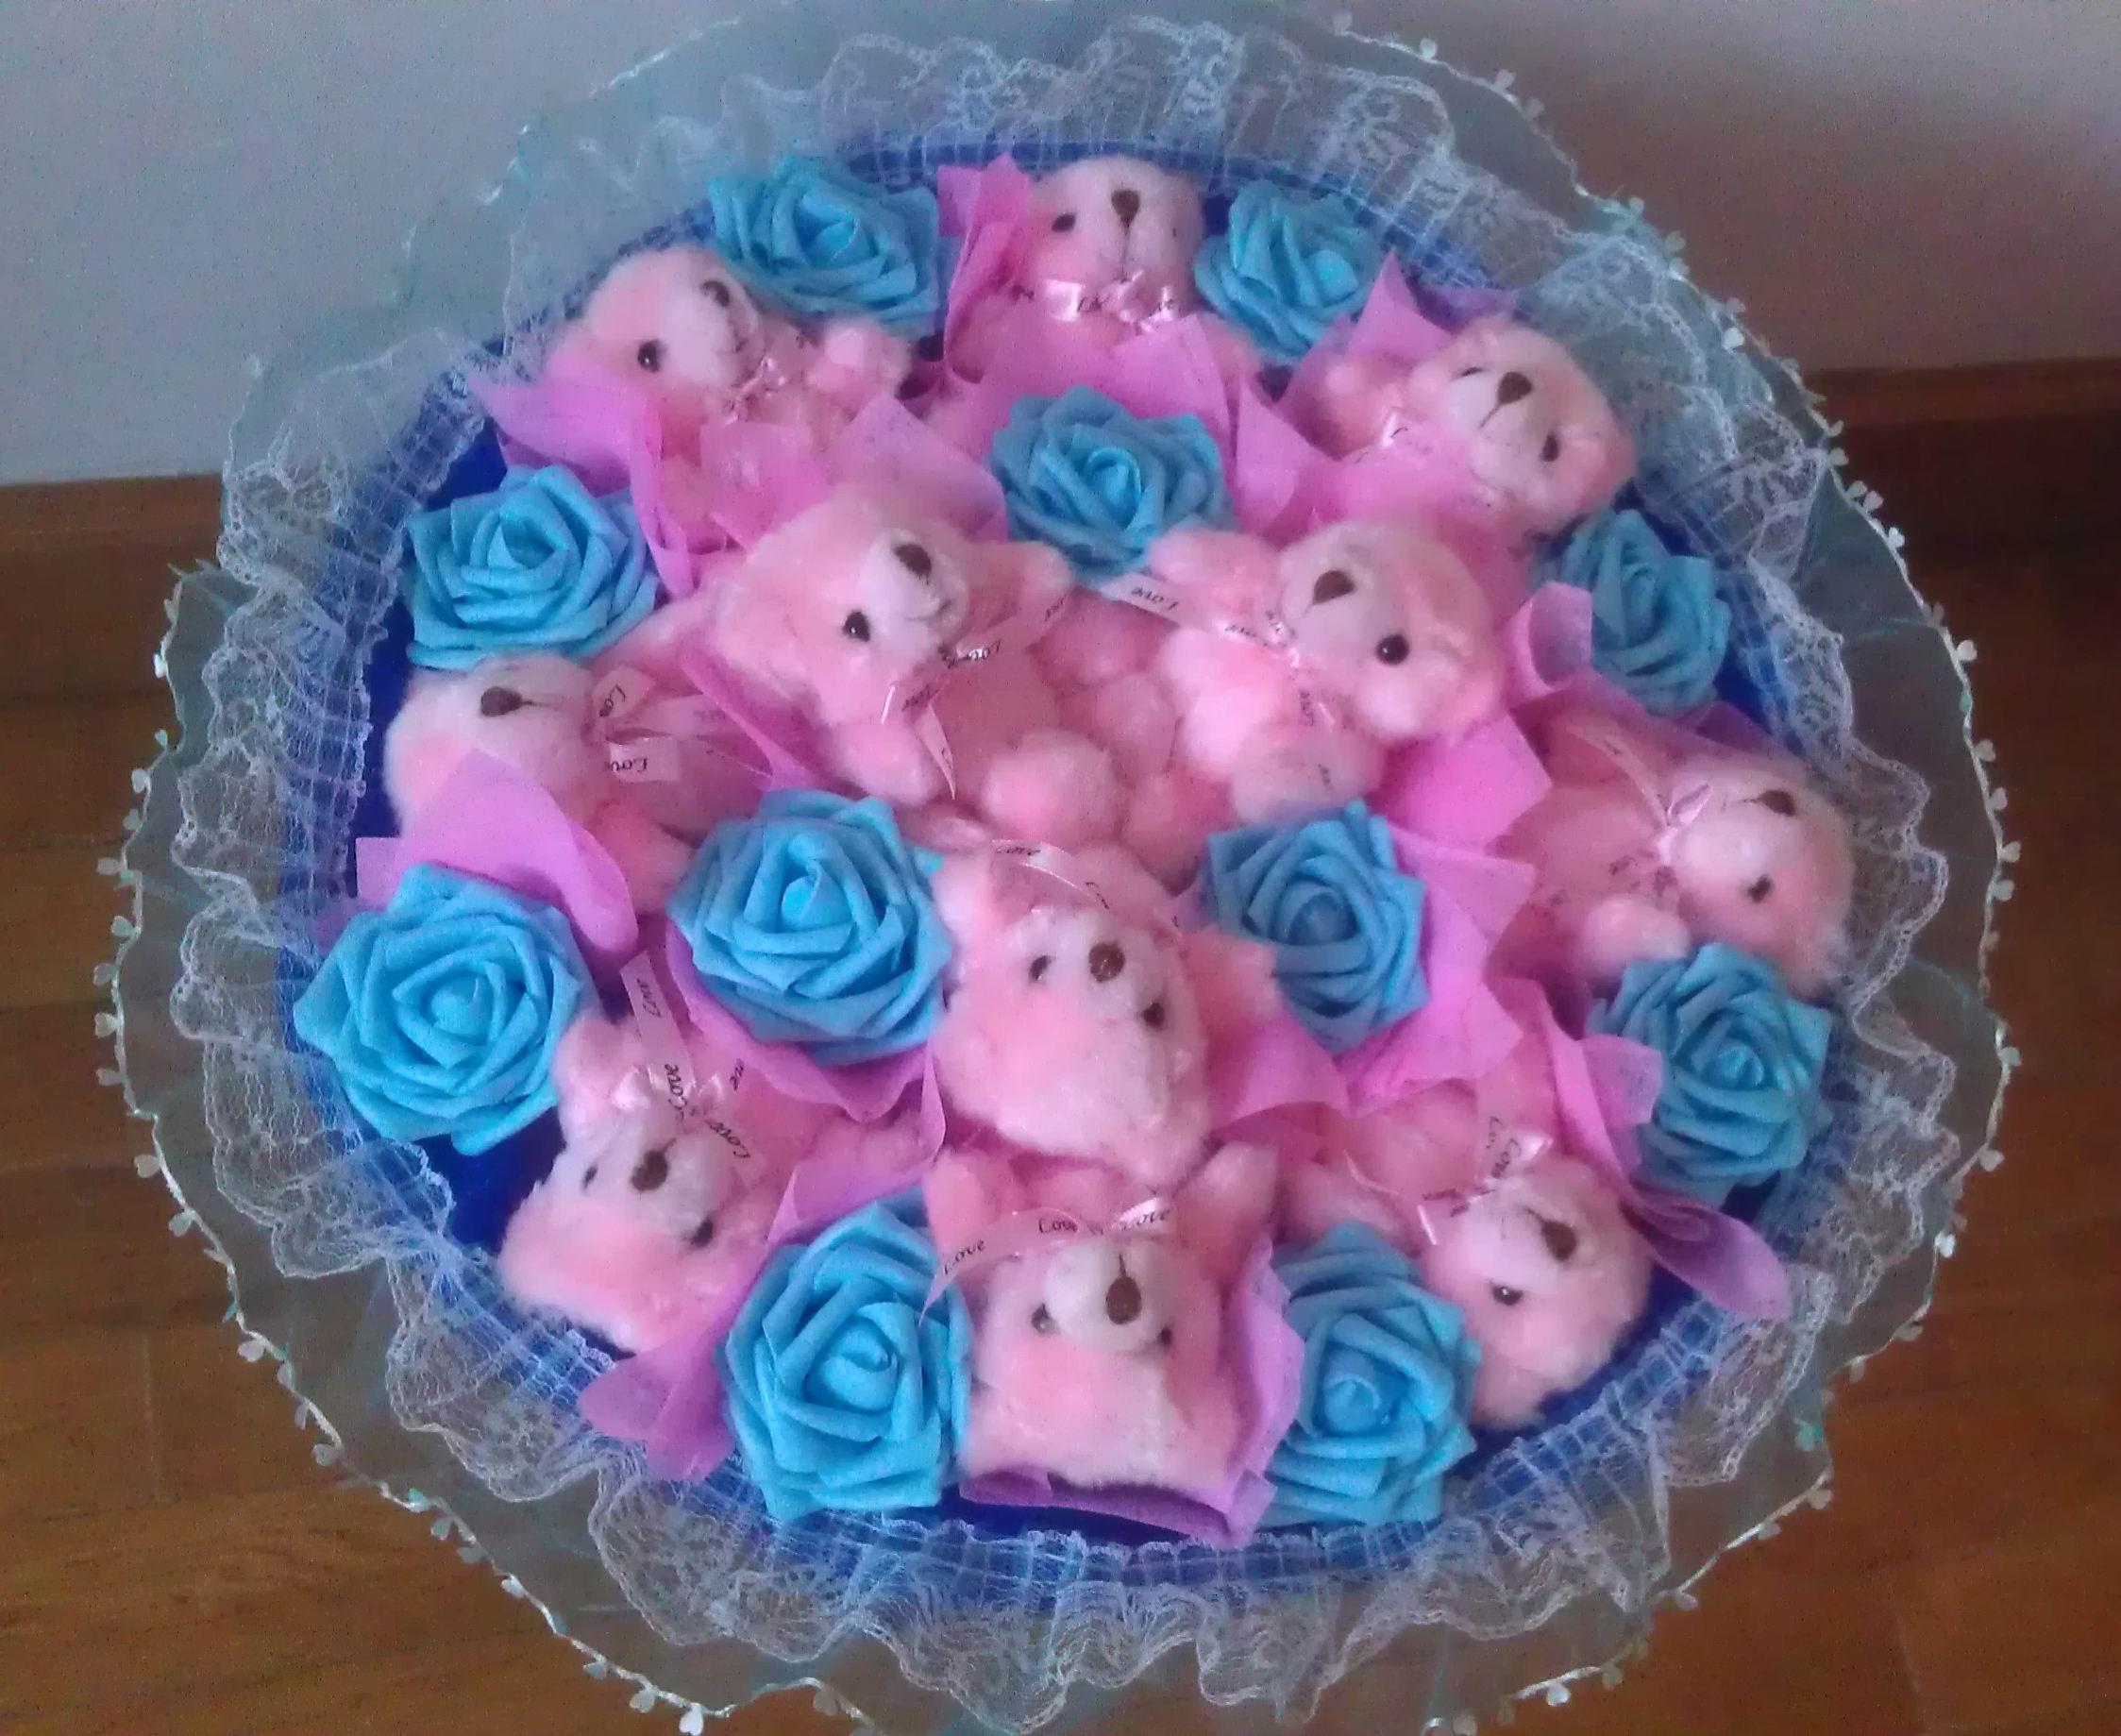 Все для сада Далянь мультфильм Тедди Xiong Gongzi букет цветов куклы куклы медведь букет роз Валентина подарки дня рождения